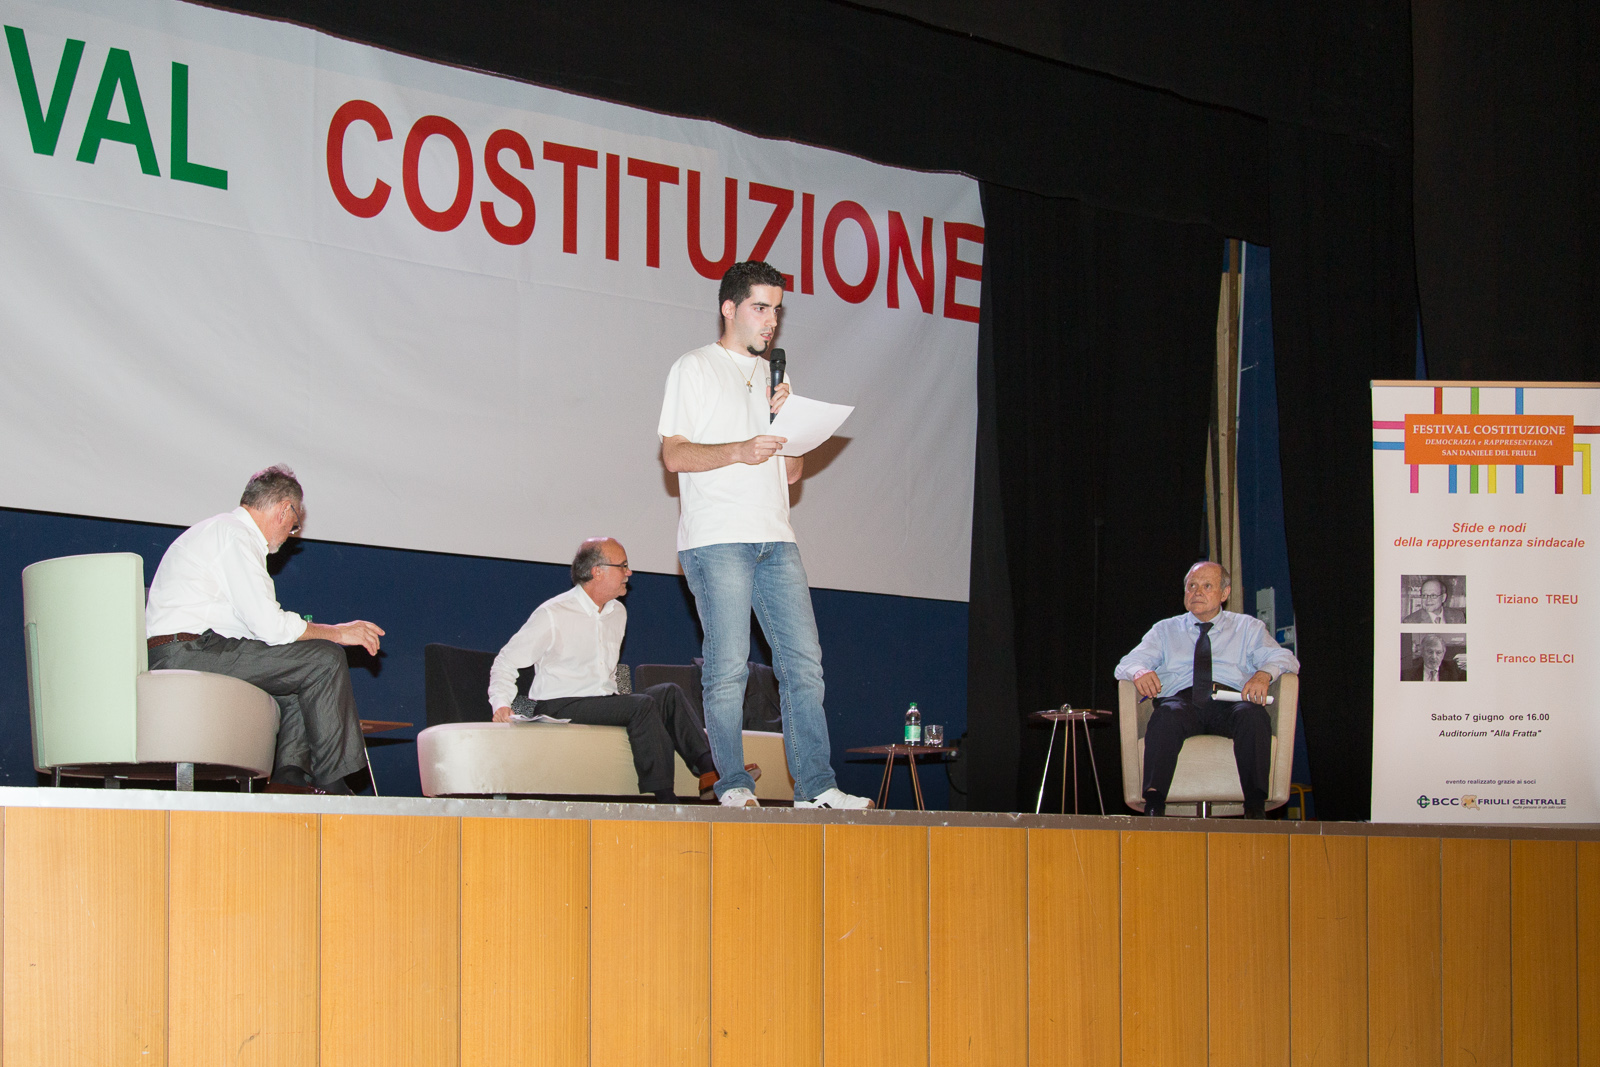 Festival Costituzione 2014 – Tiziano Treu e Franco Belci